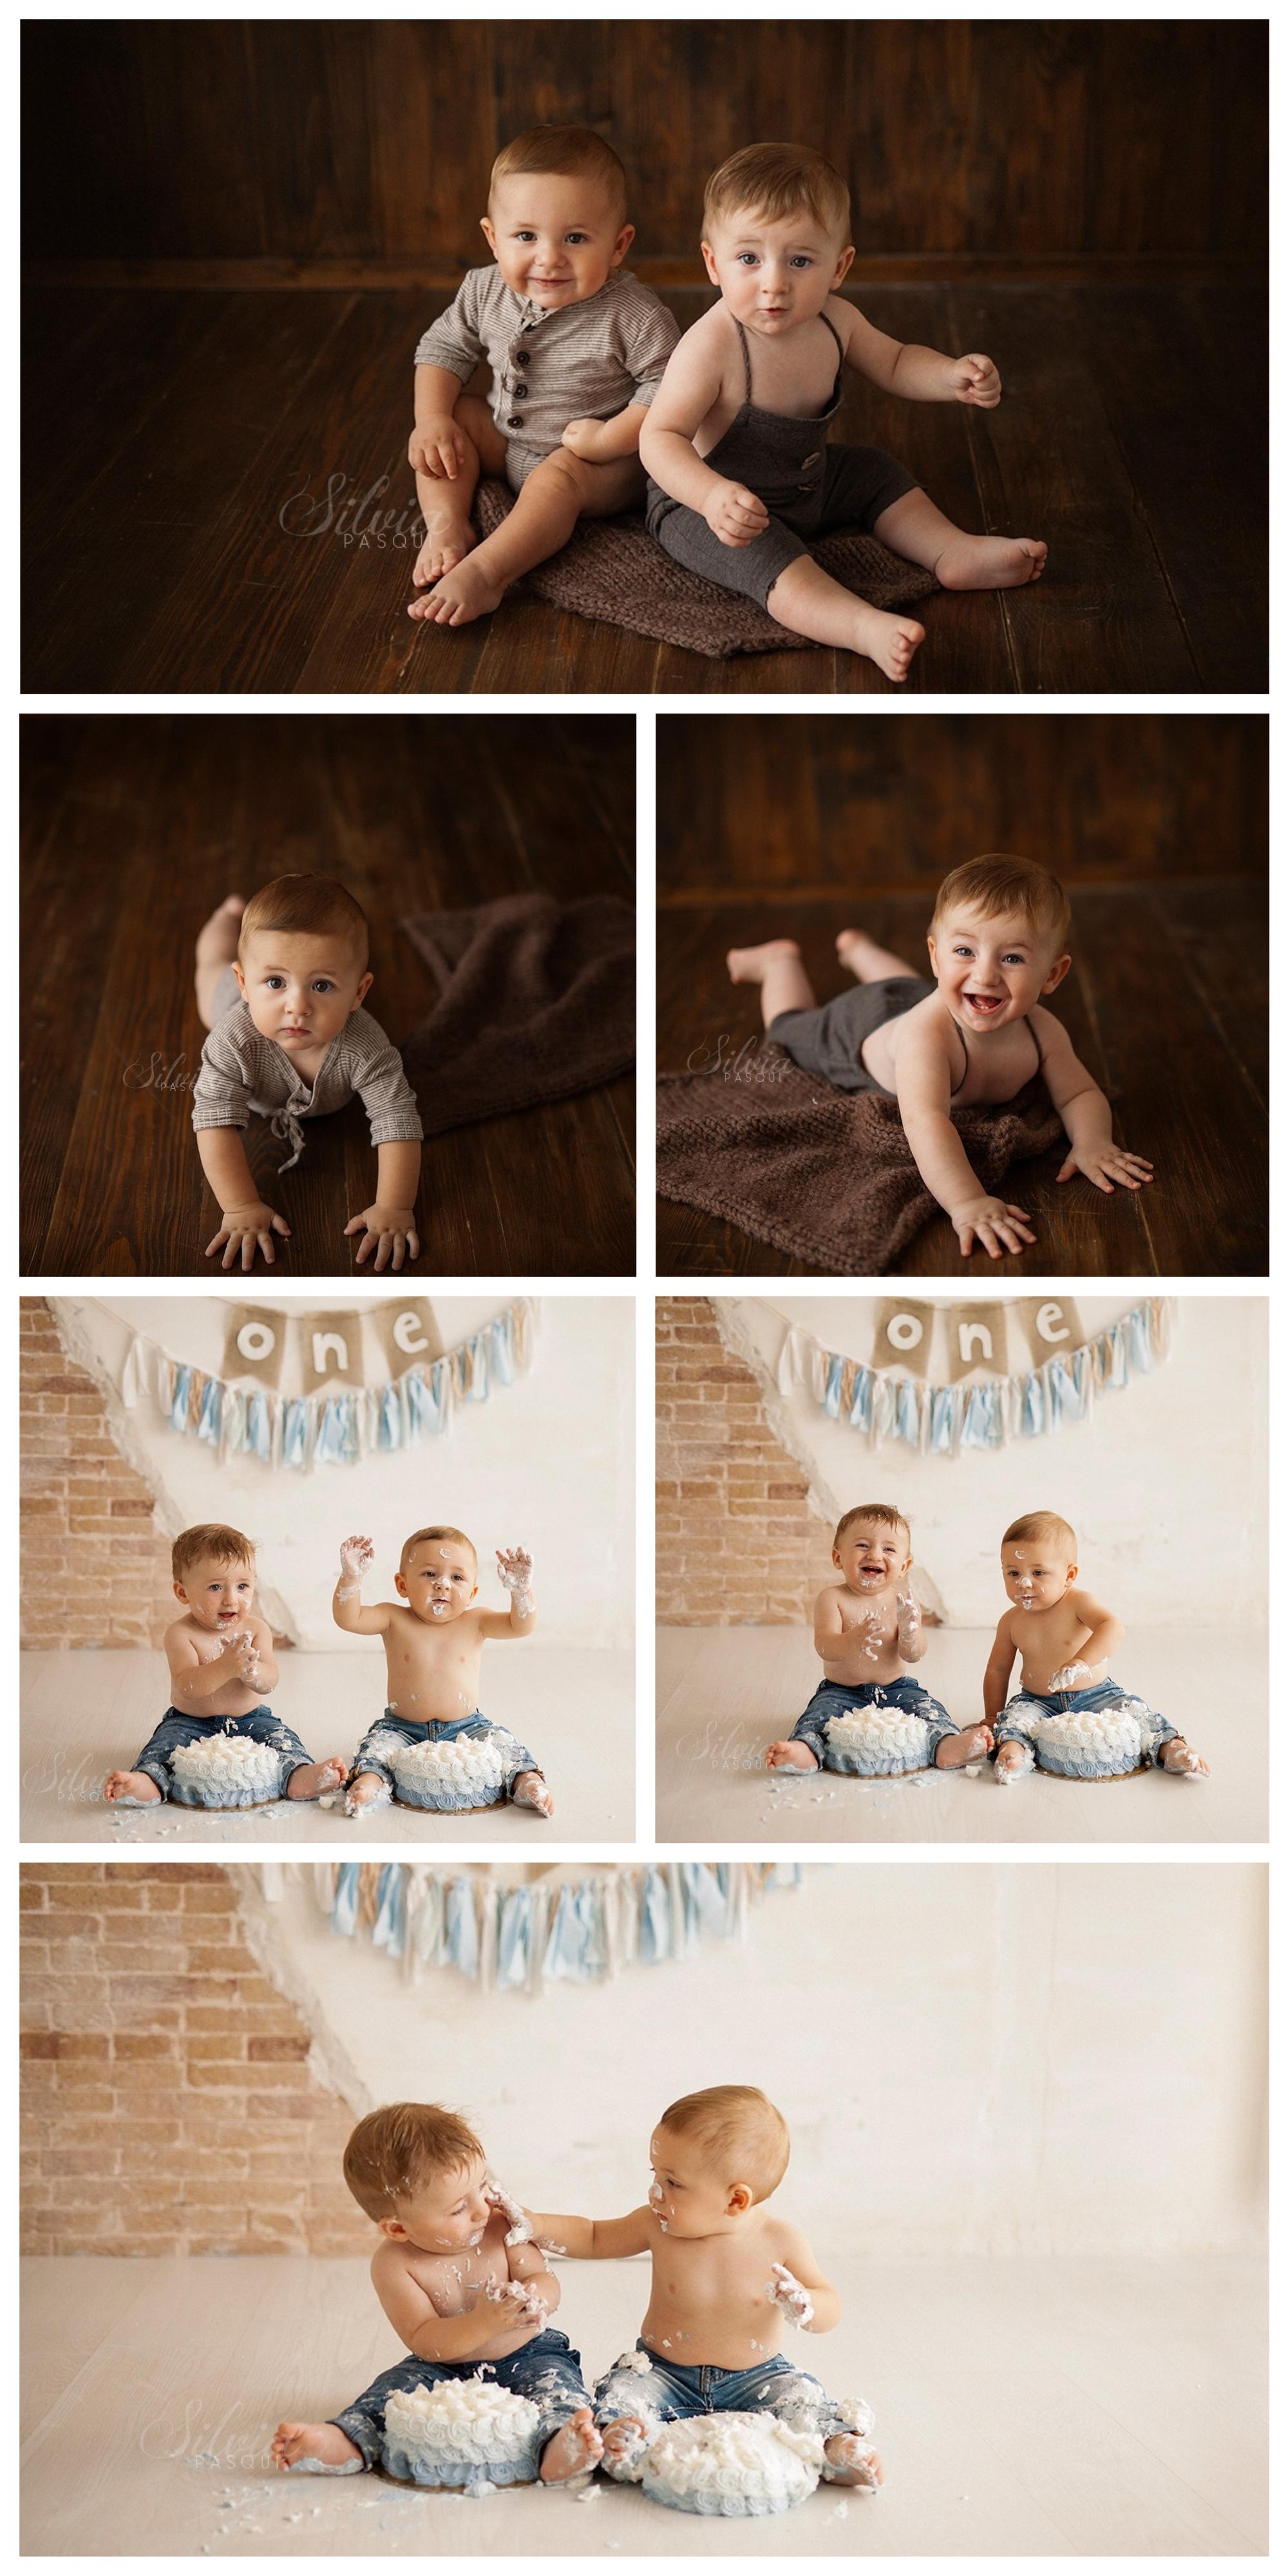 gemelli foto con torta un anno